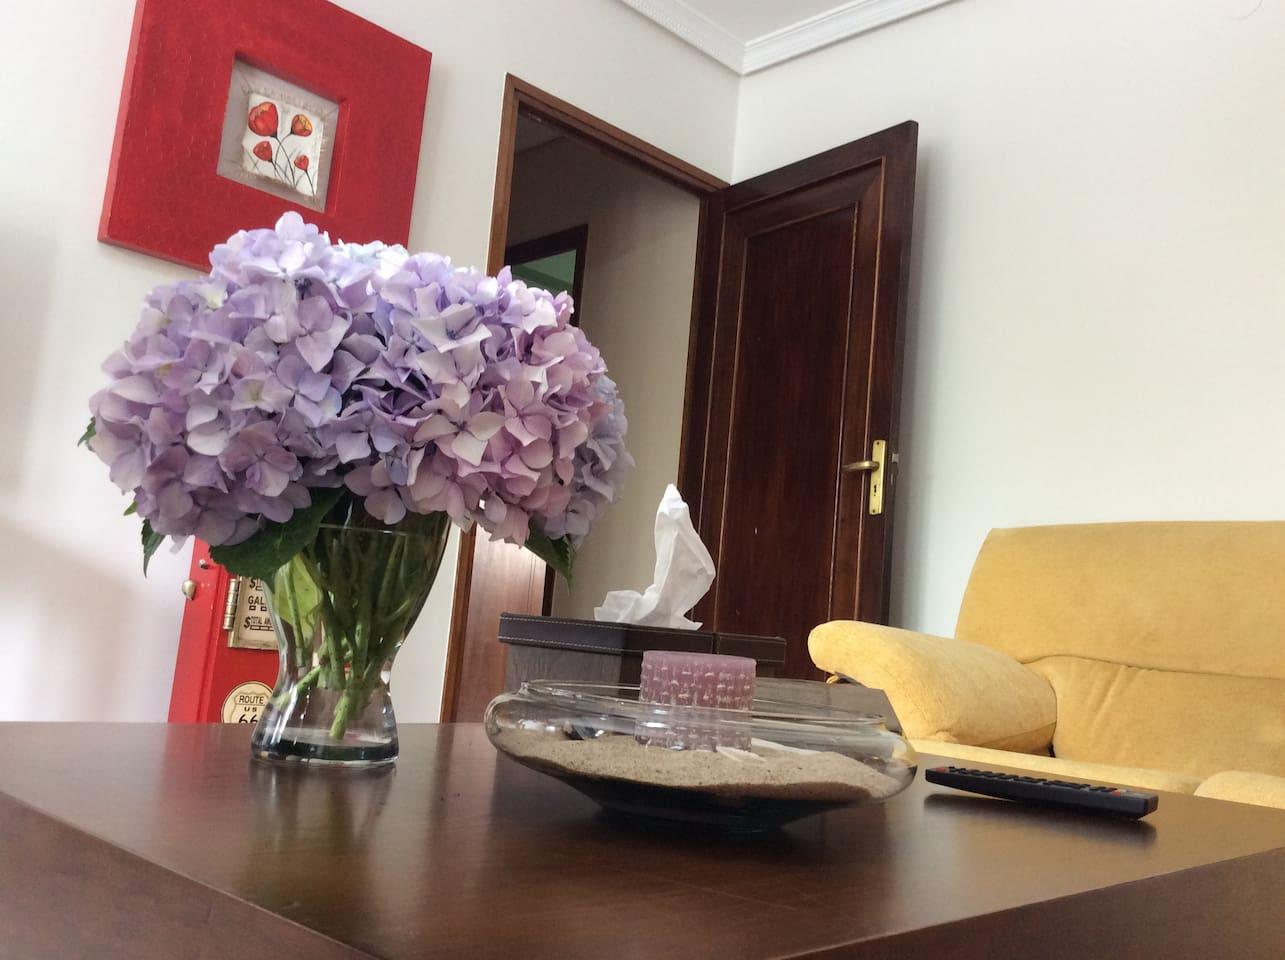 Nos gustan los detalles y las flores